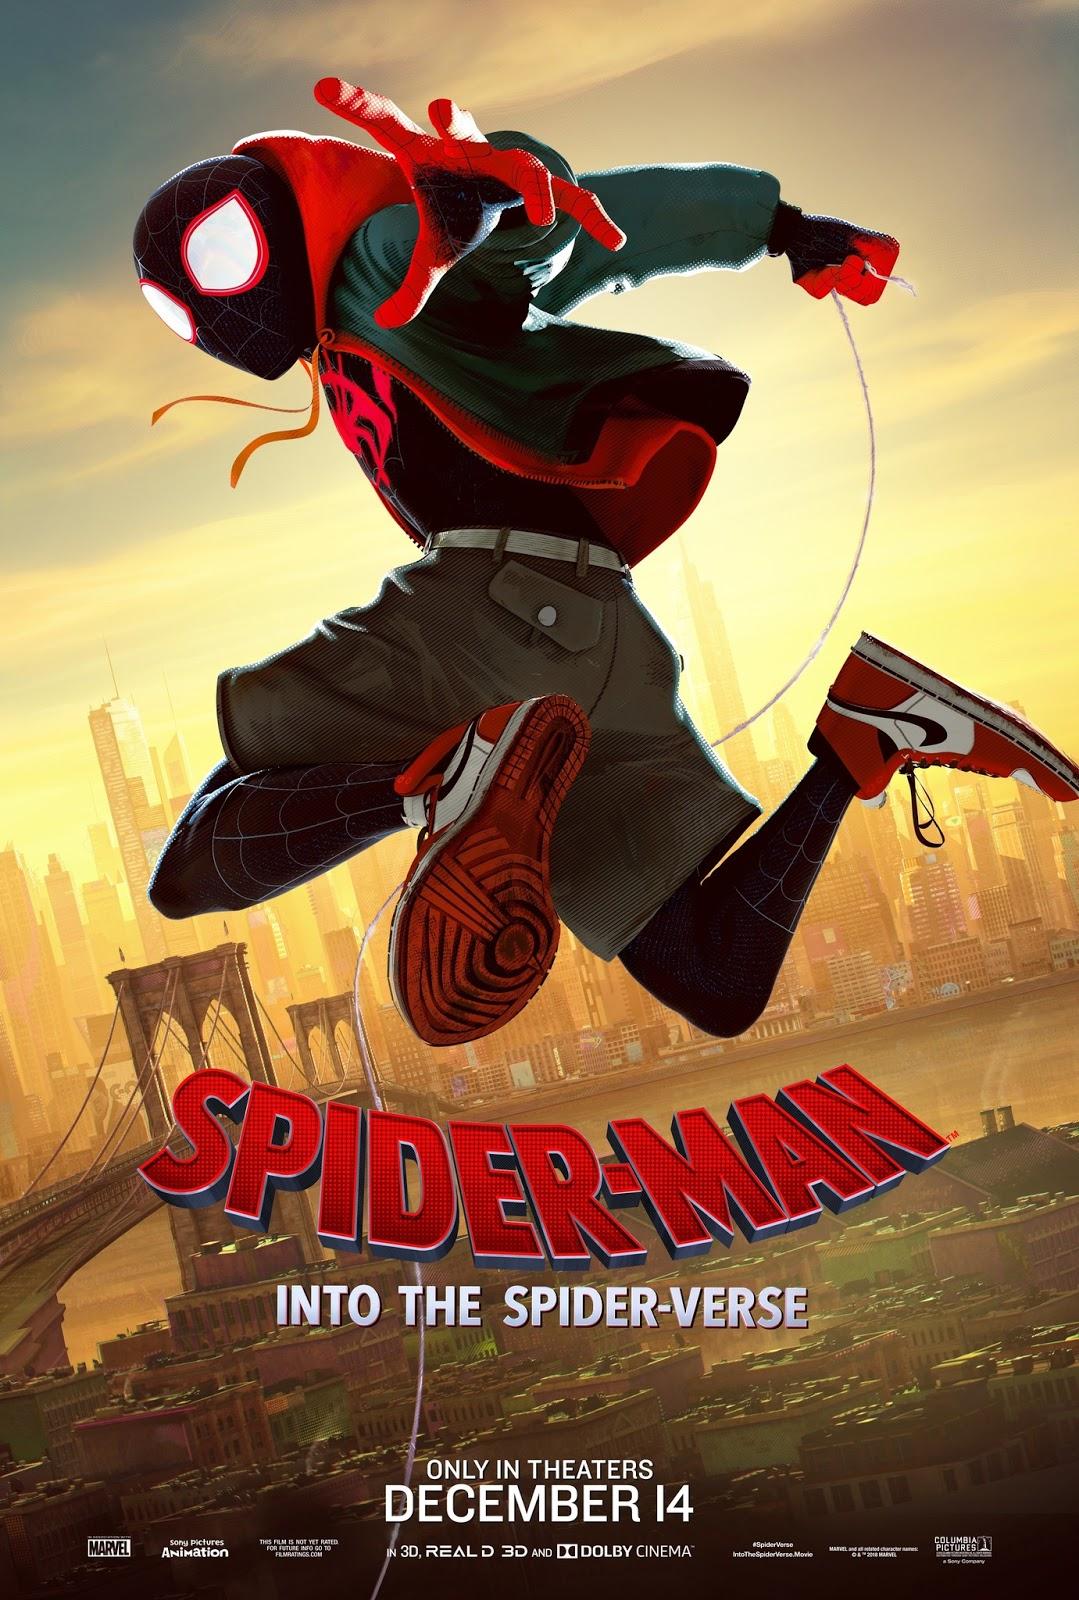 Spider-man intio the spider-verse